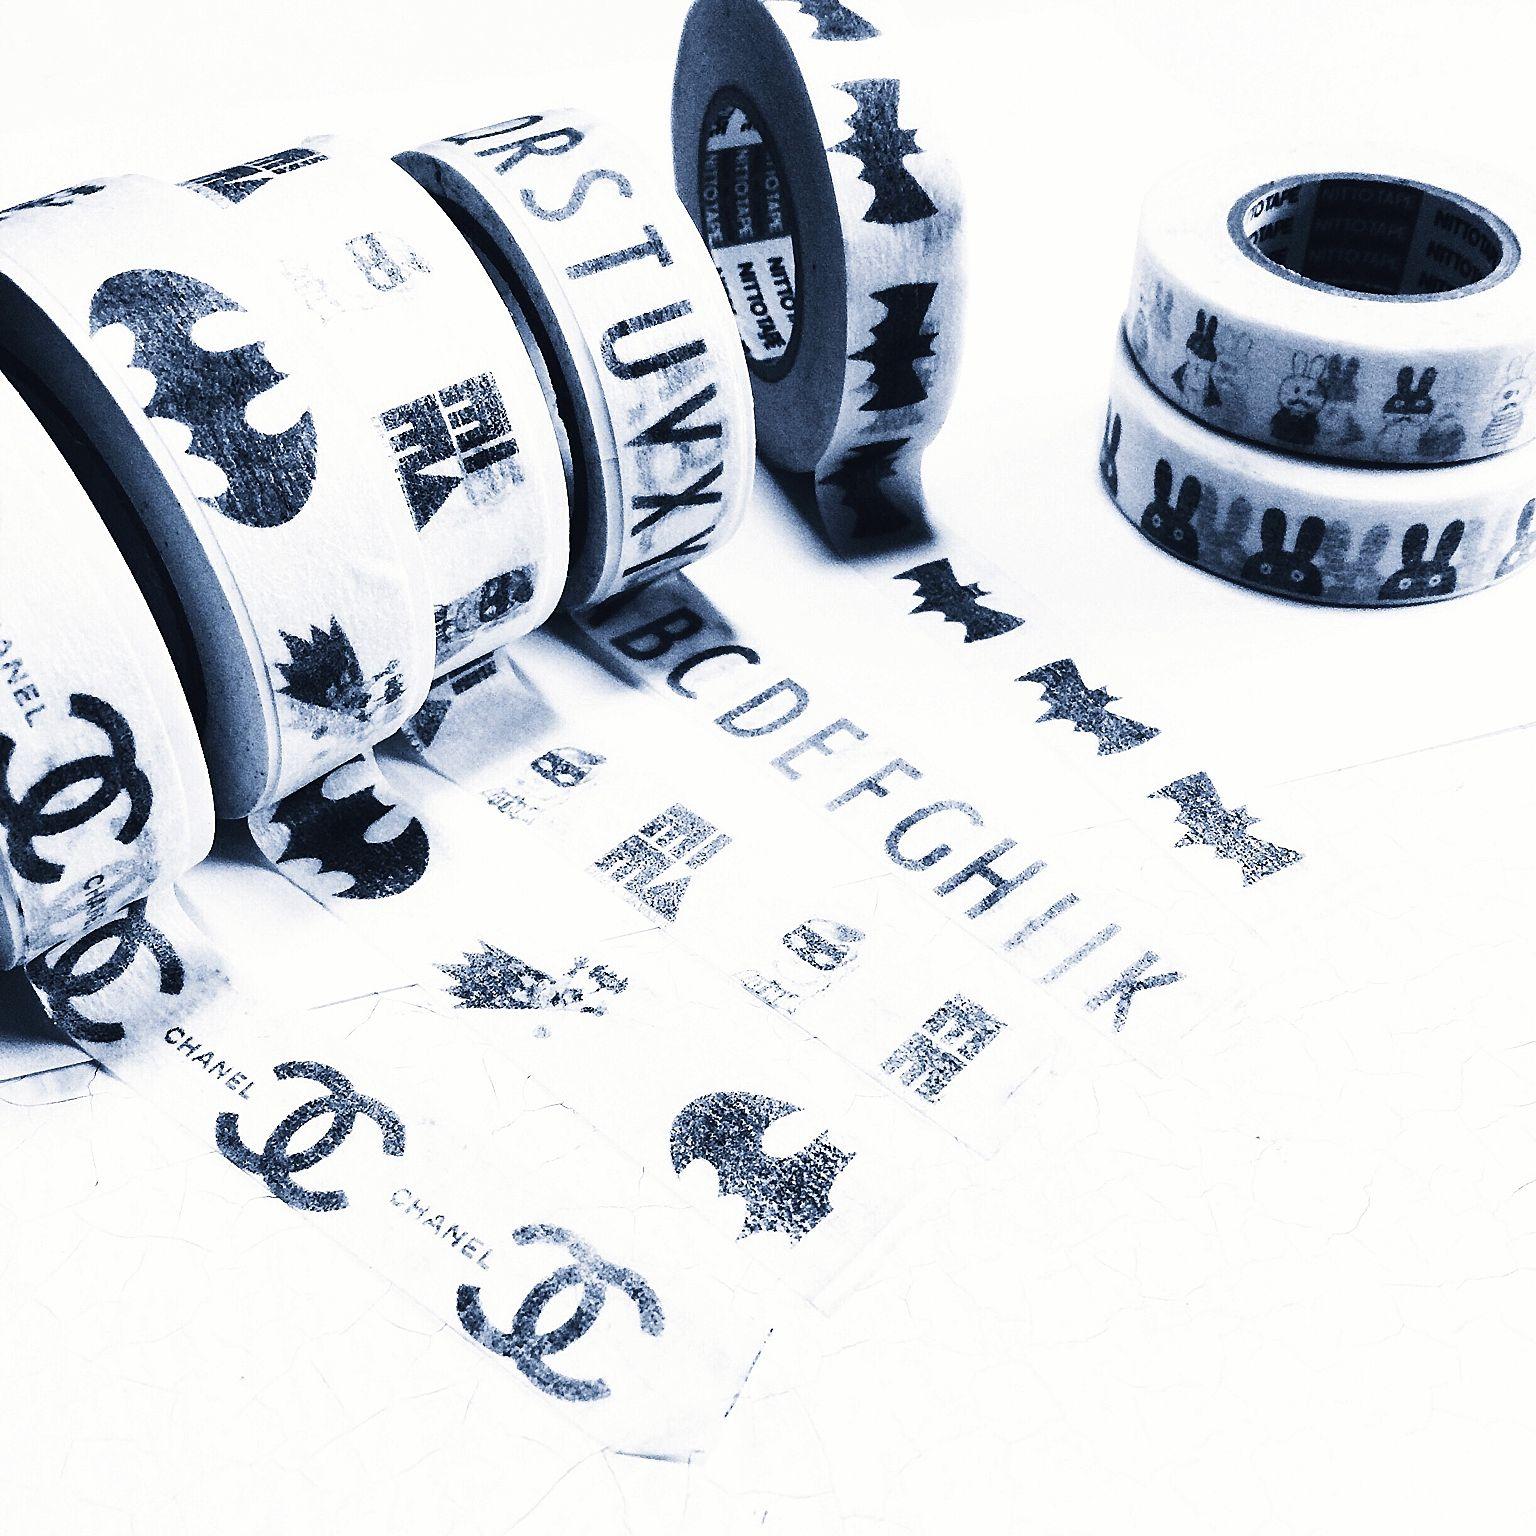 かわいい臺灣文具 「マスキングテープ」「シール」可愛的台灣文具「紙膠帶」「貼紙」